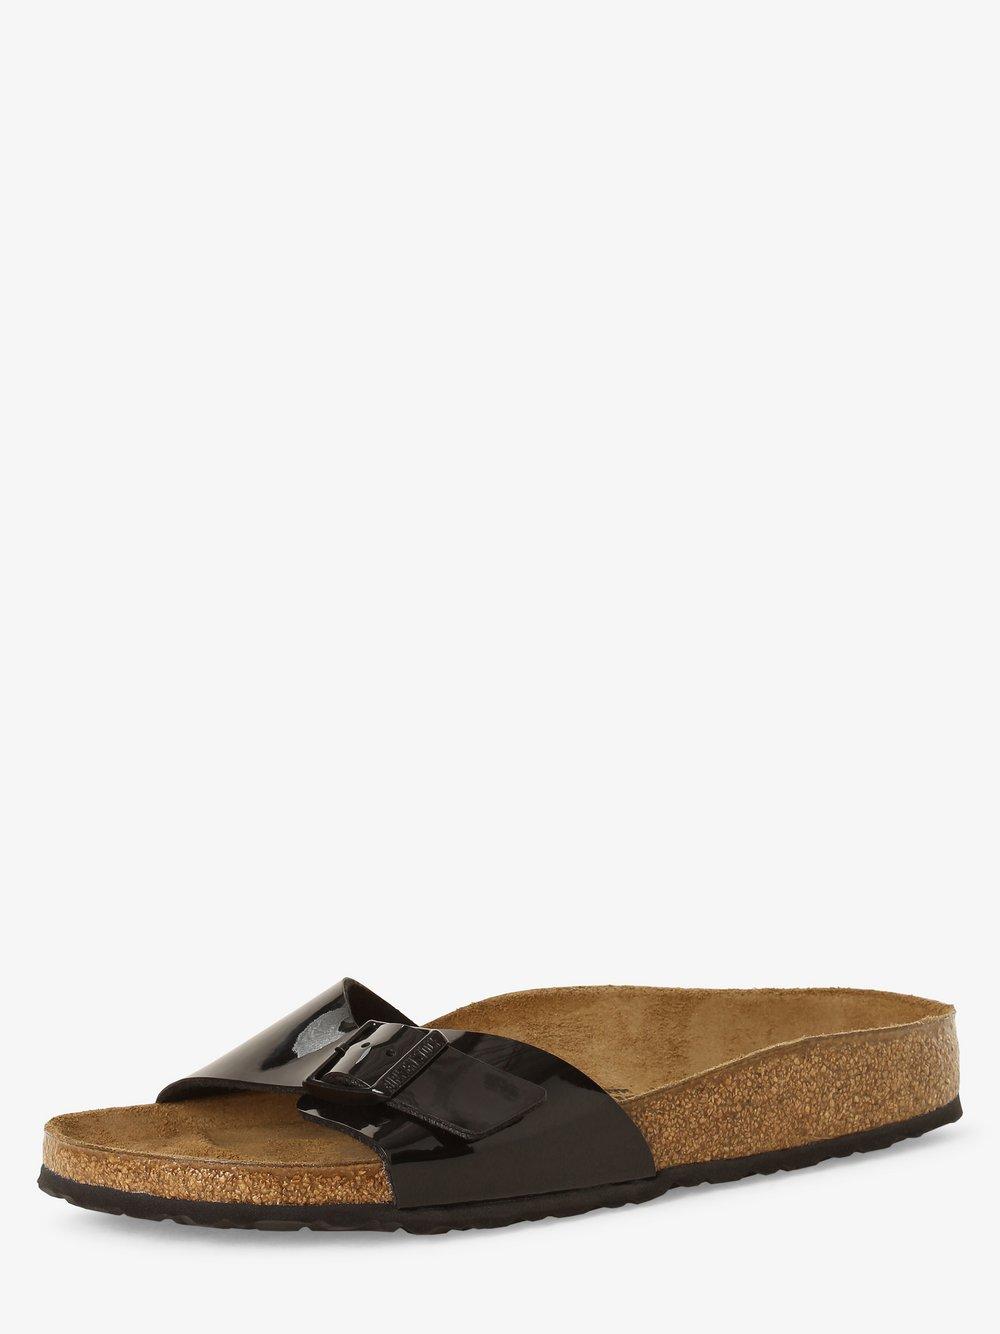 Birkenstock - Sandały damskie z dodatkiem skóry – Madrid BS, czarny